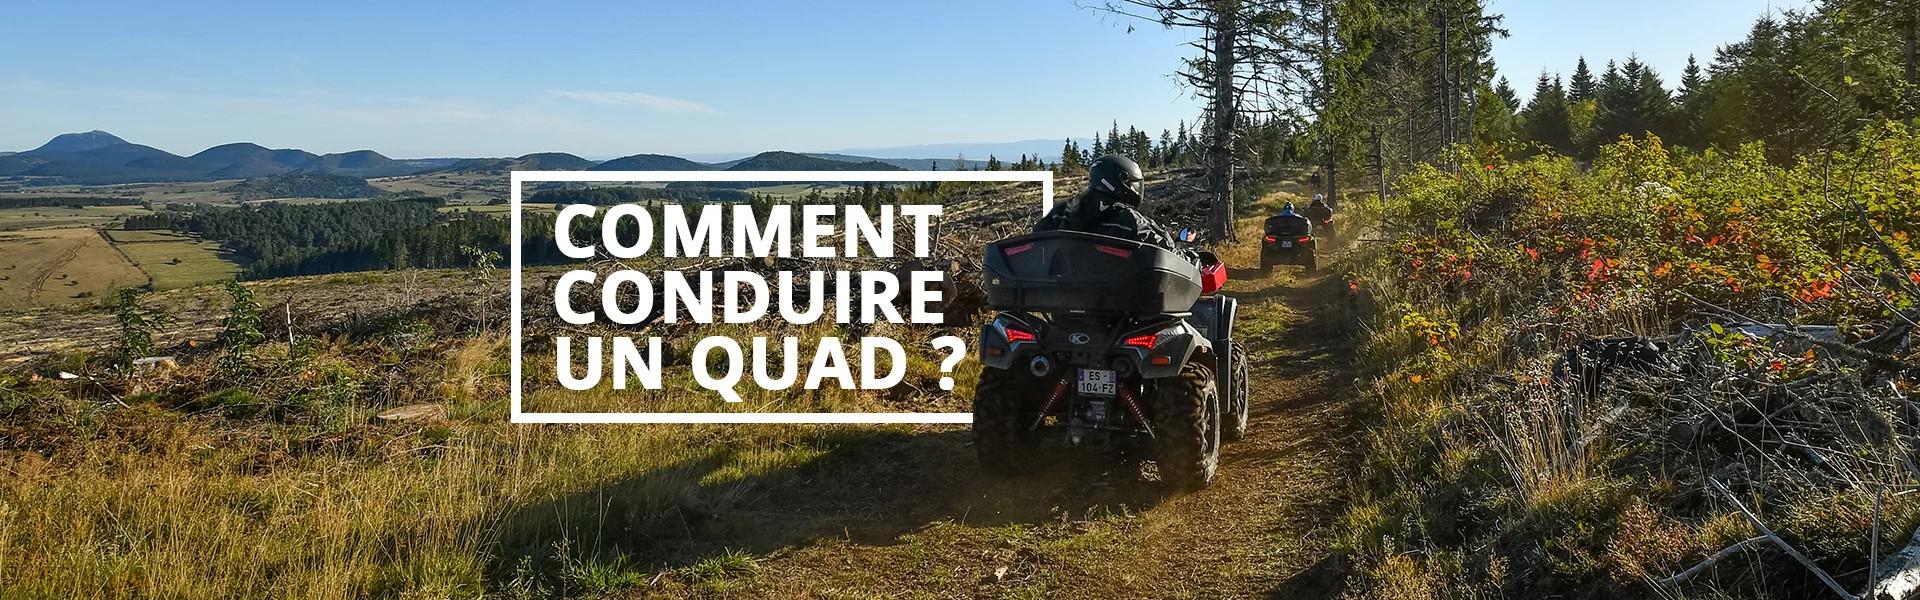 Conseils pour conduire un quad